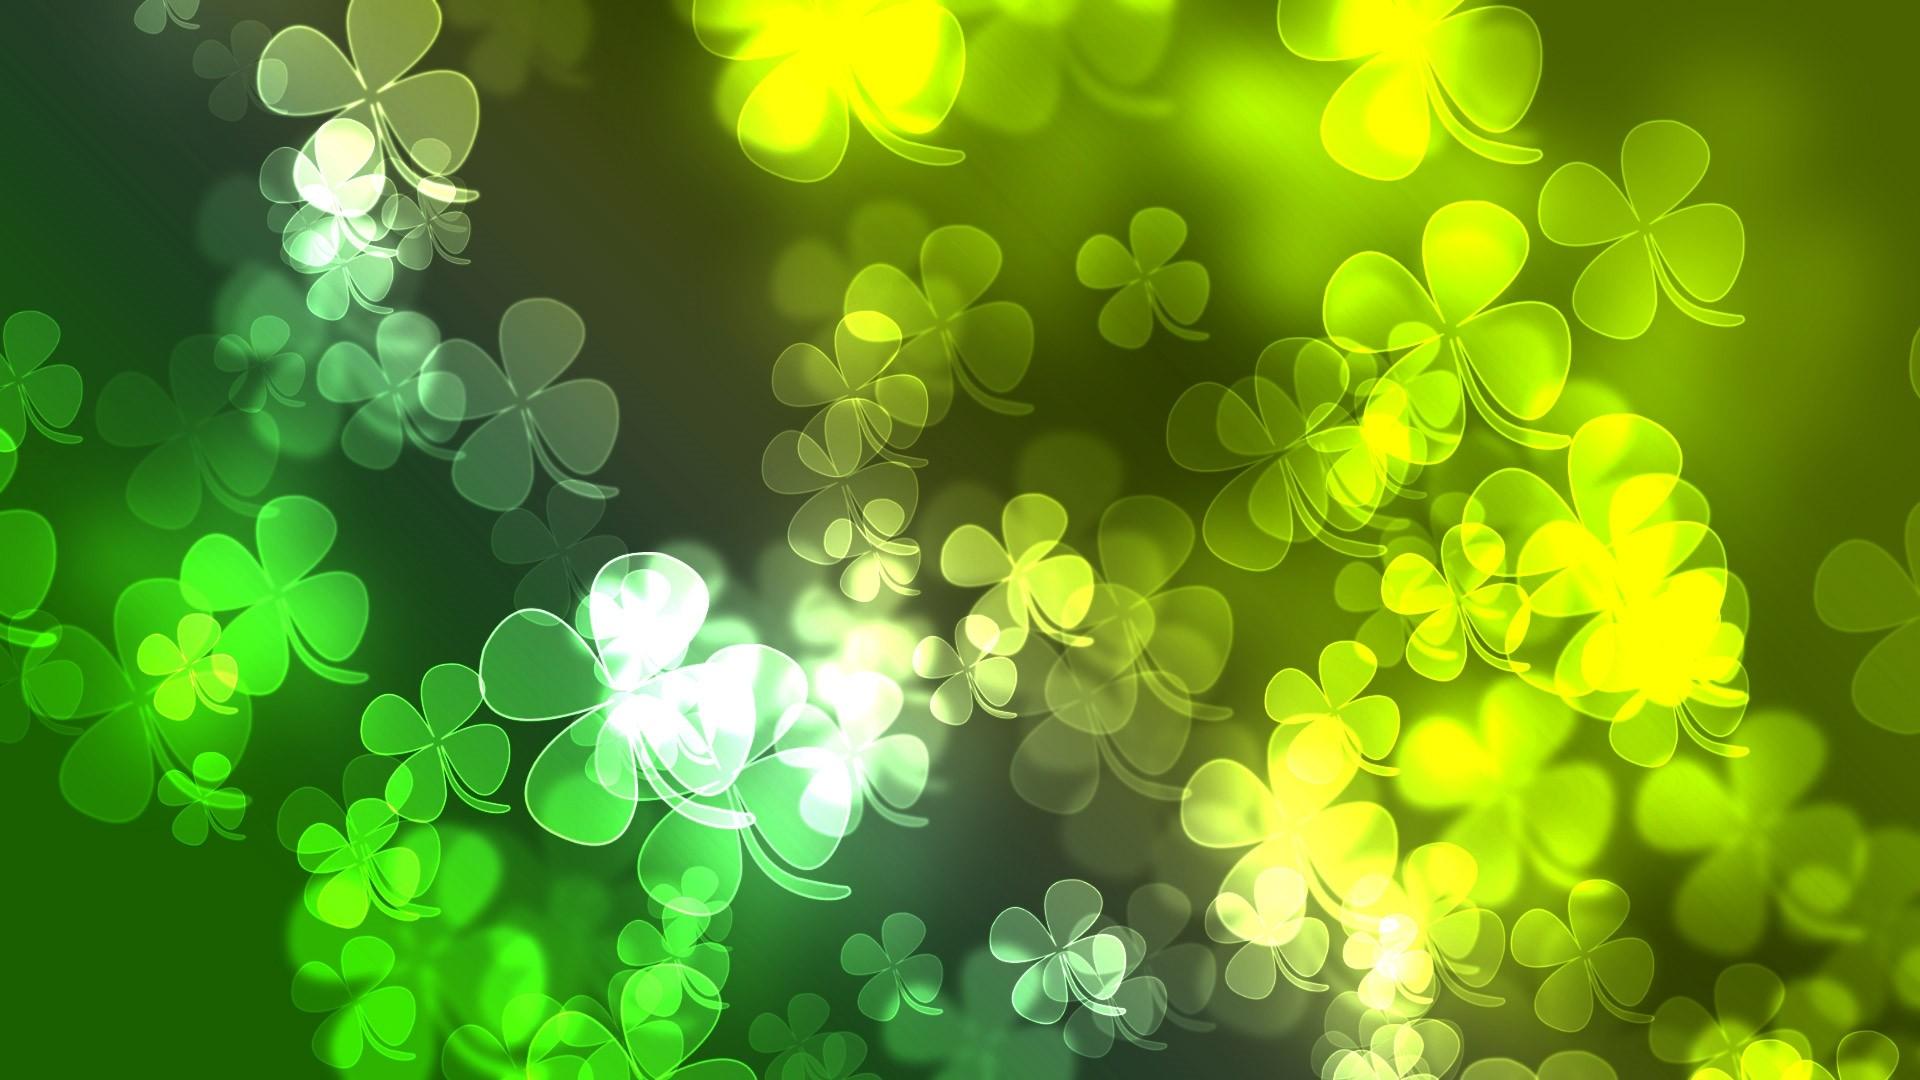 Green Clover computer wallpaper